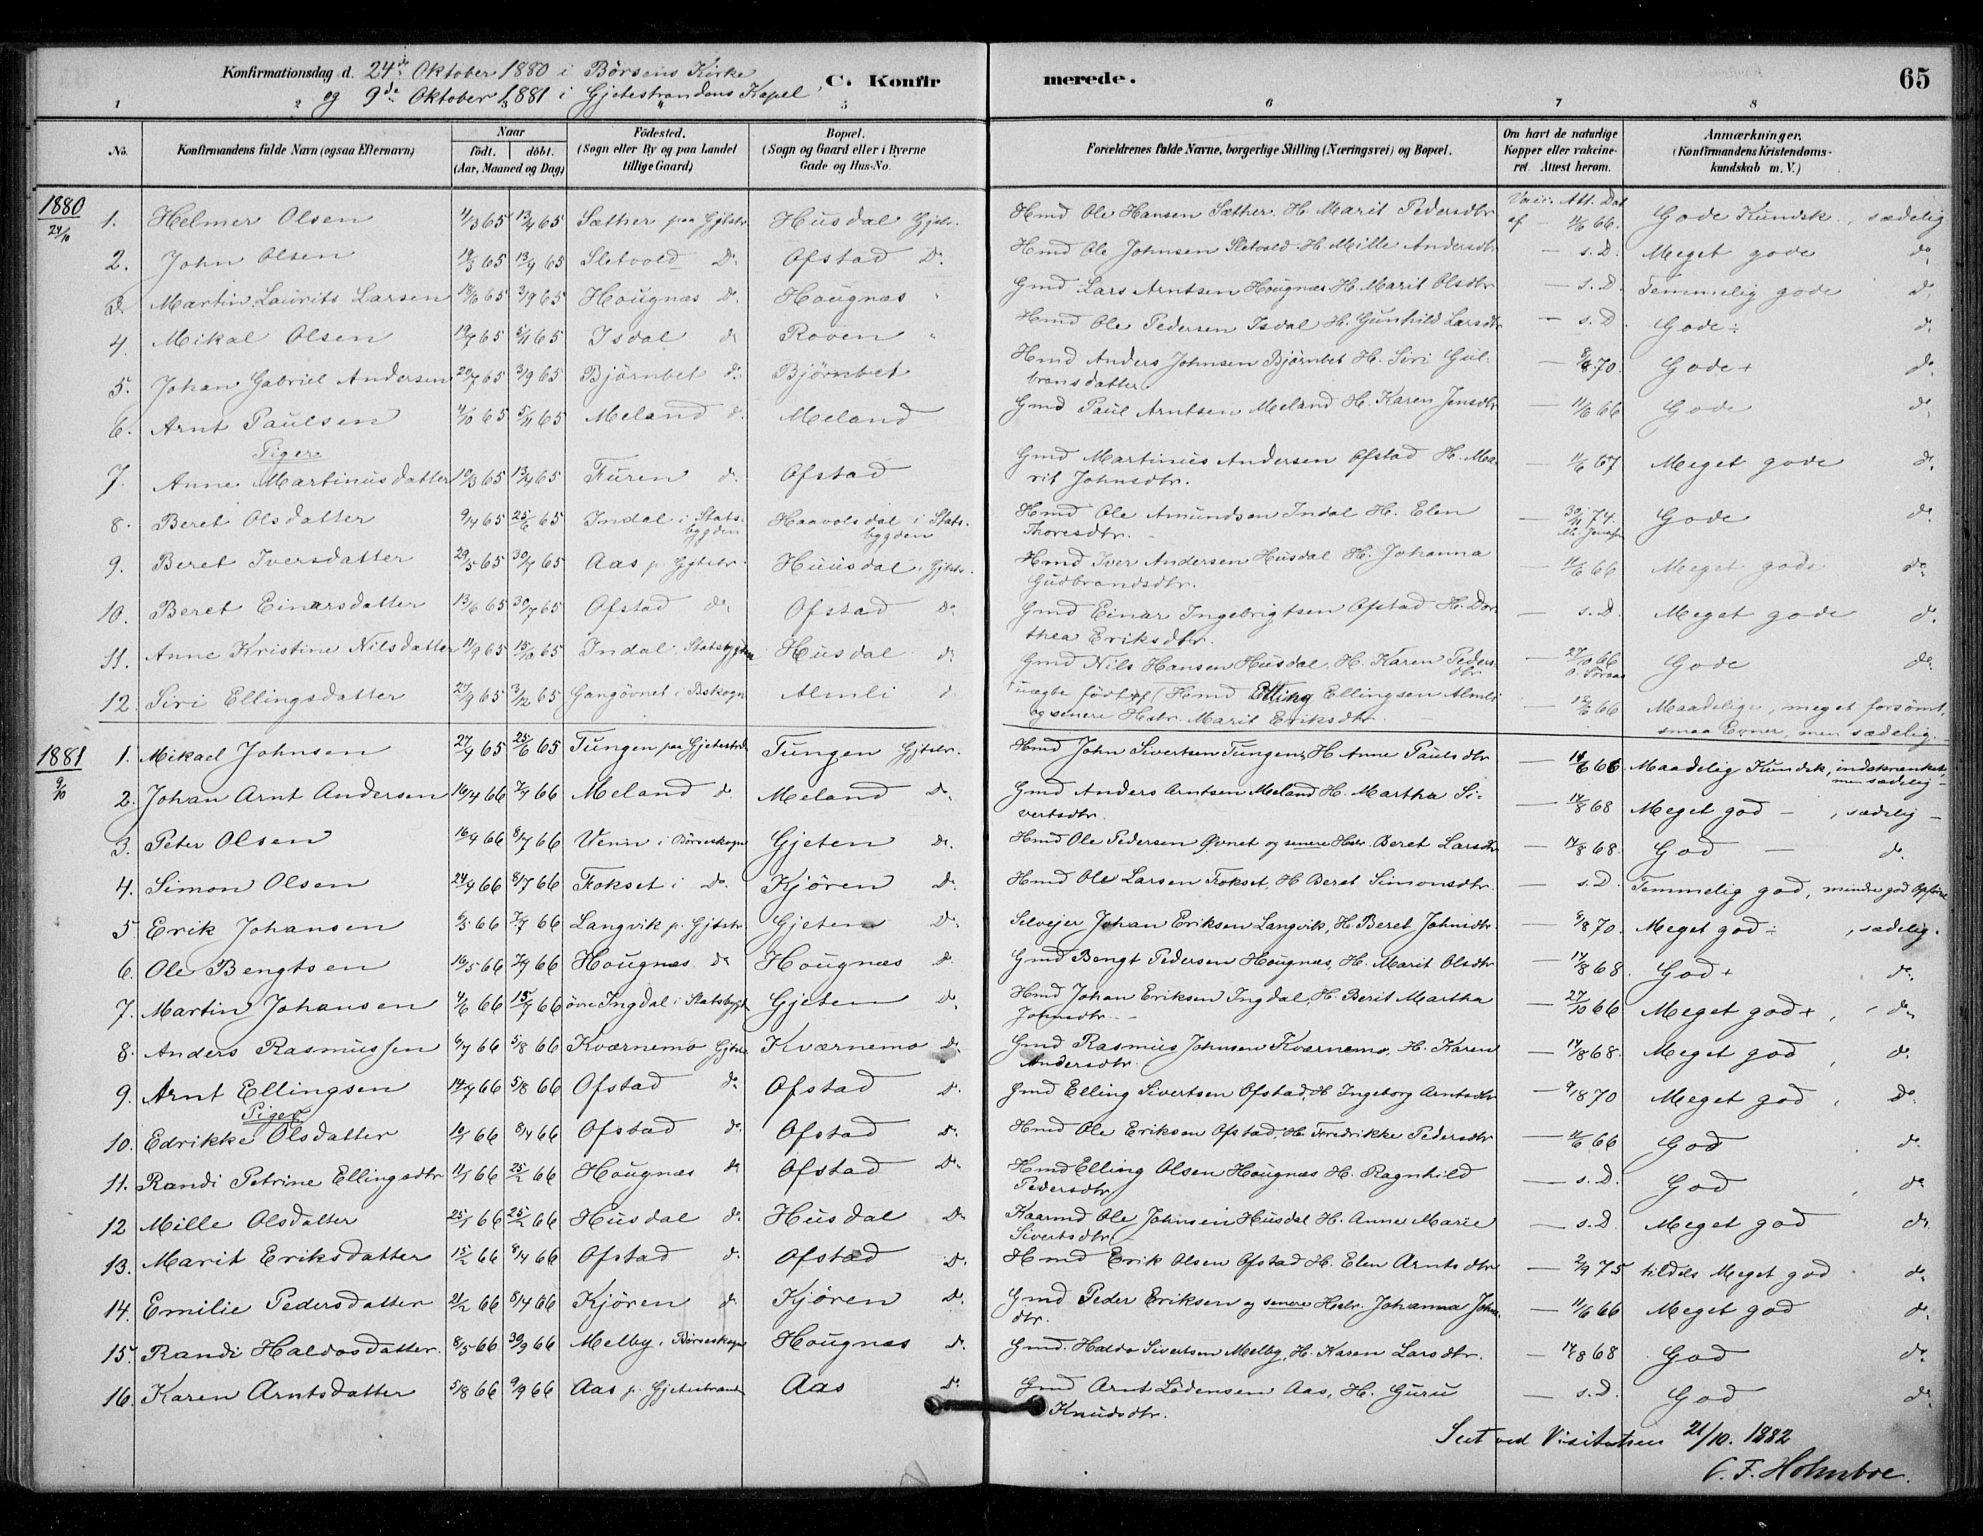 SAT, Ministerialprotokoller, klokkerbøker og fødselsregistre - Sør-Trøndelag, 670/L0836: Ministerialbok nr. 670A01, 1879-1904, s. 65